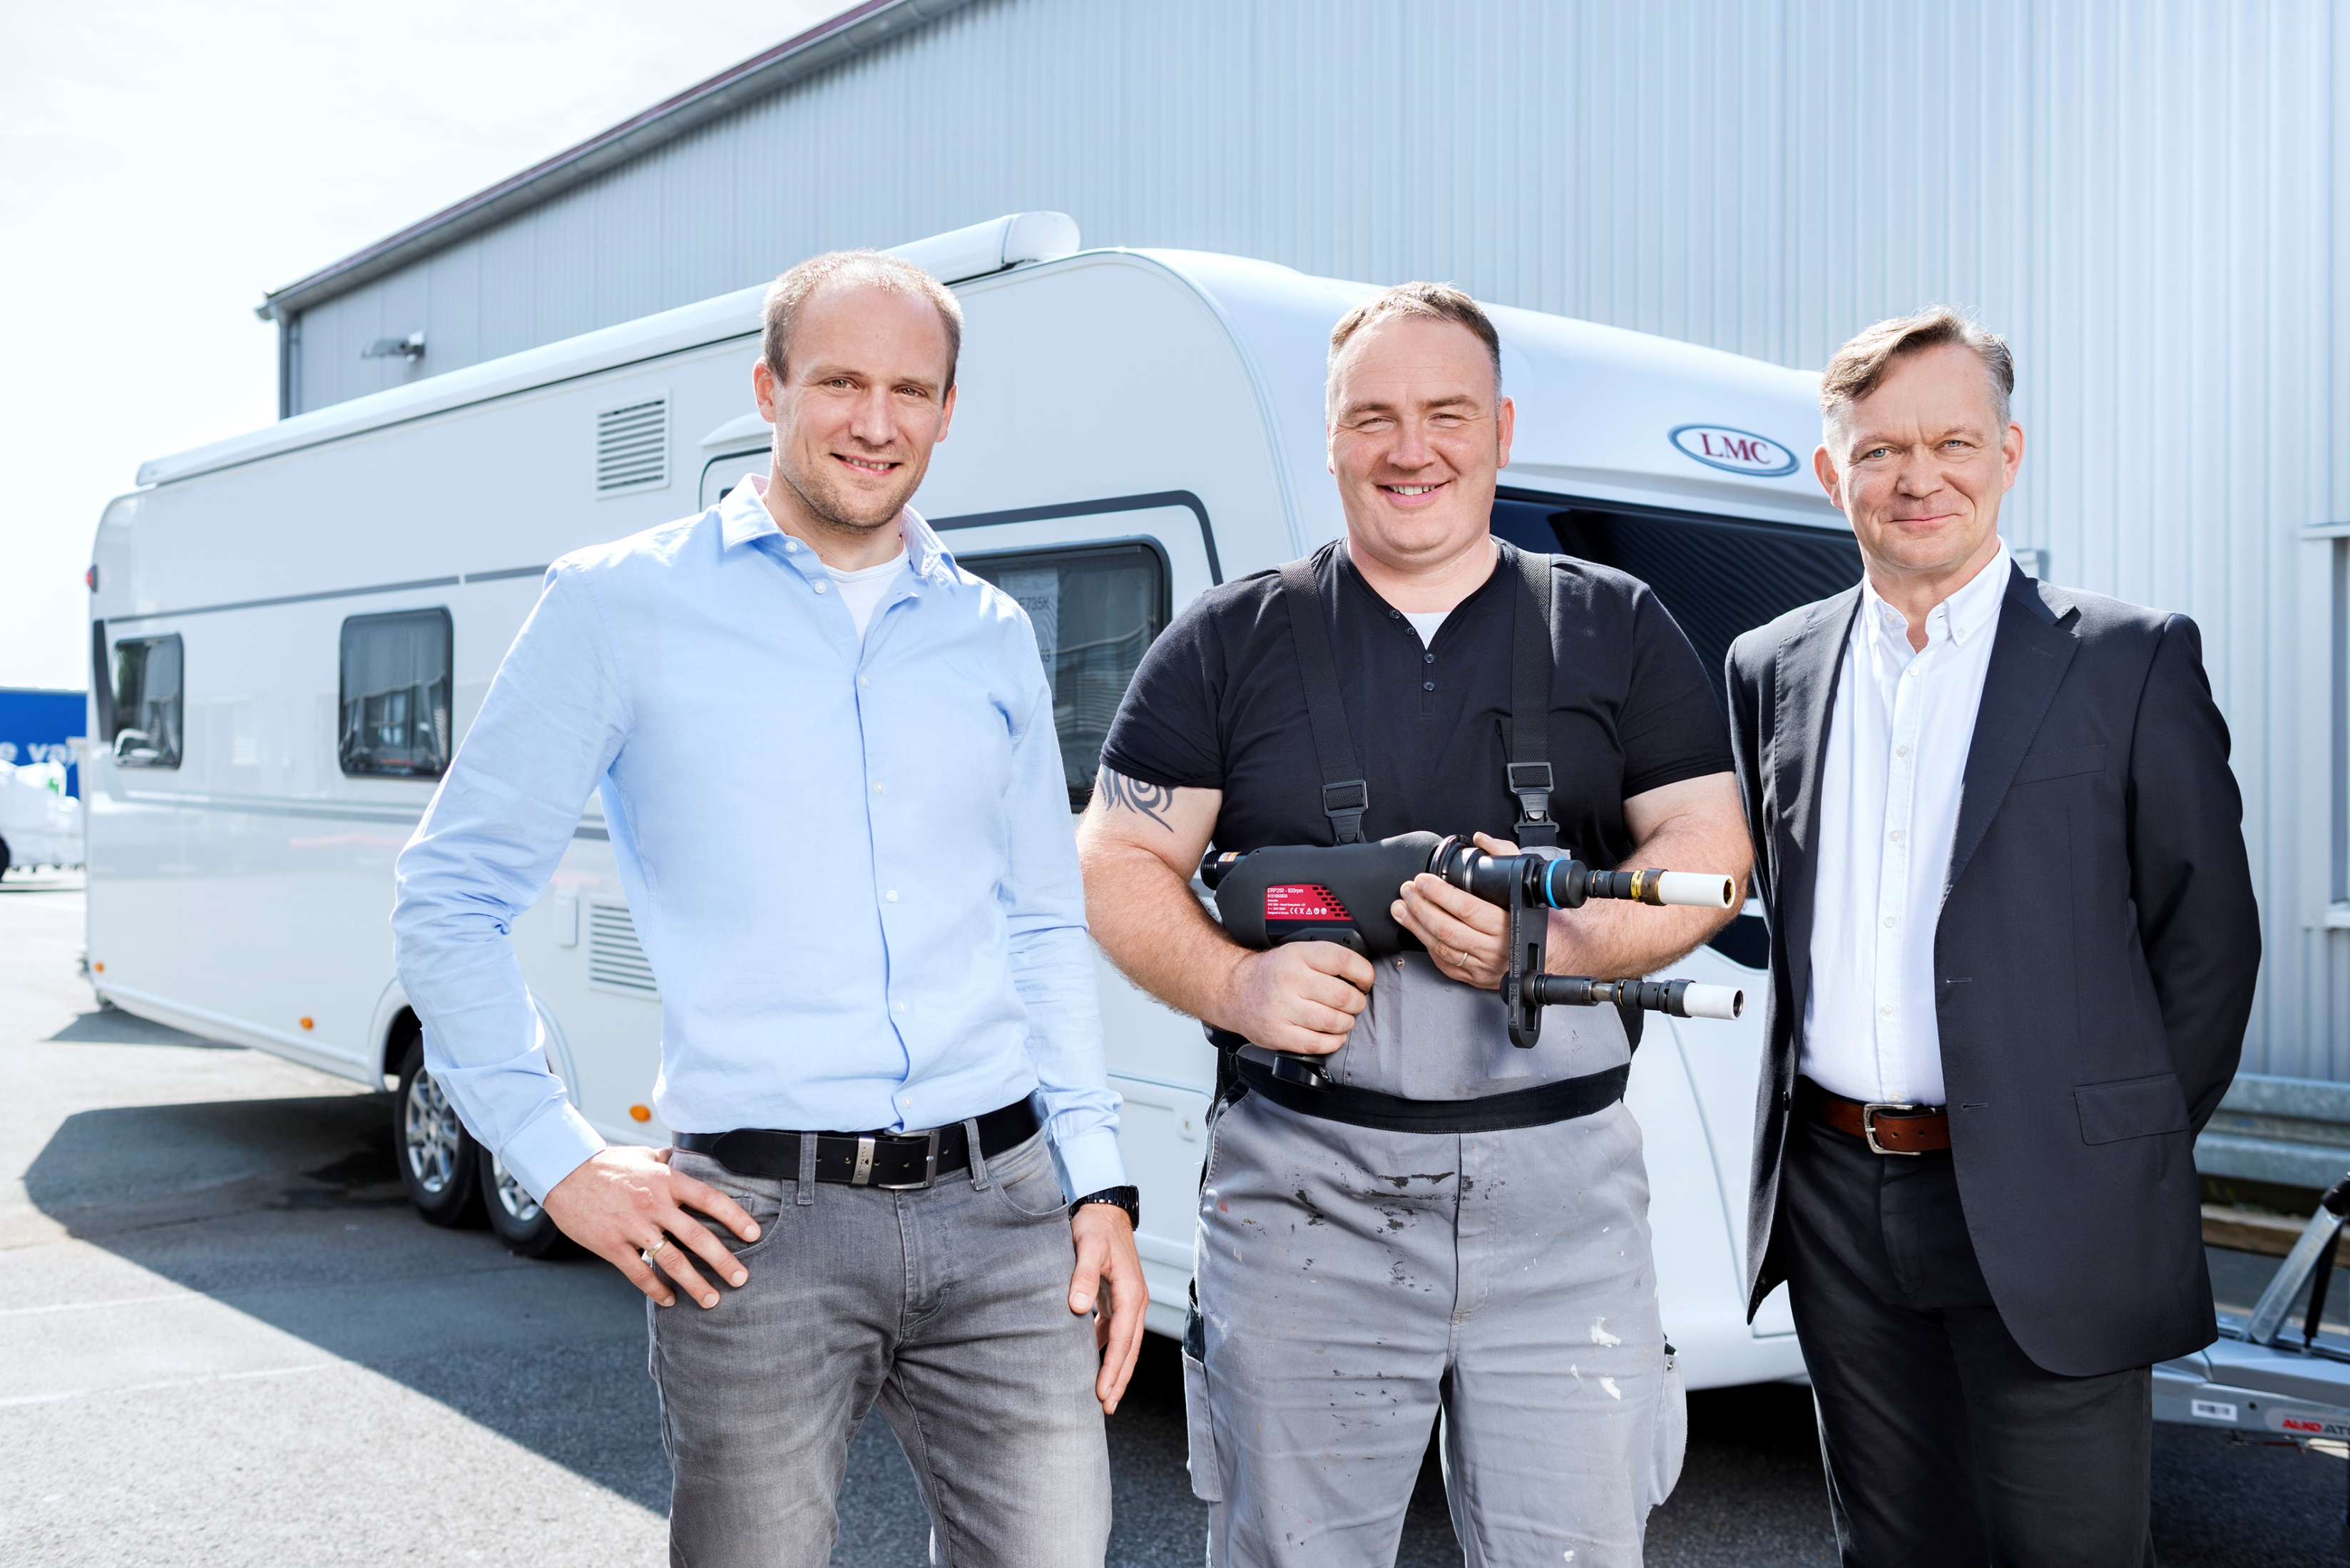 Michael Schürmann, Fachkraft für Arbeitssicherheit bei LMC, mit Wolfgang Ostermann, Teamleiter Chassis-Vorbereitung, und Sehrbrock-Verkaufsleiter Olaf Schmidt.